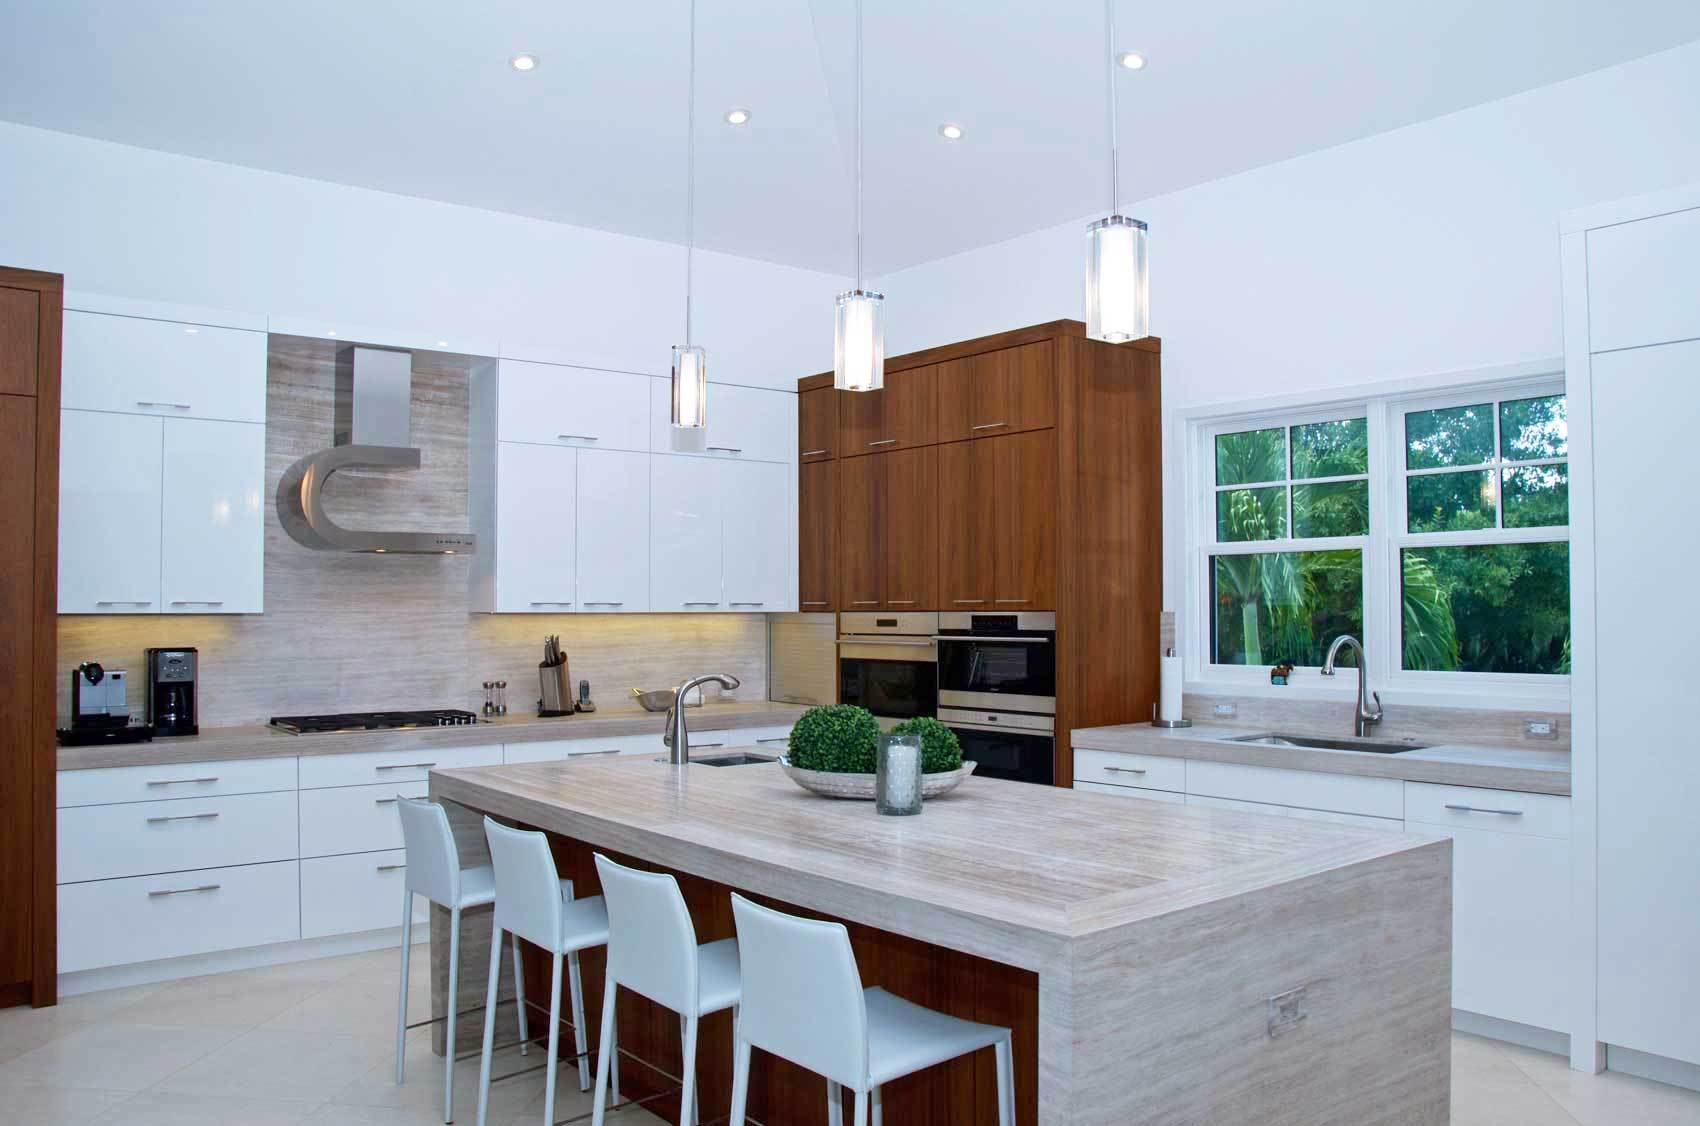 DSC_0841-kitchen-transitional-design